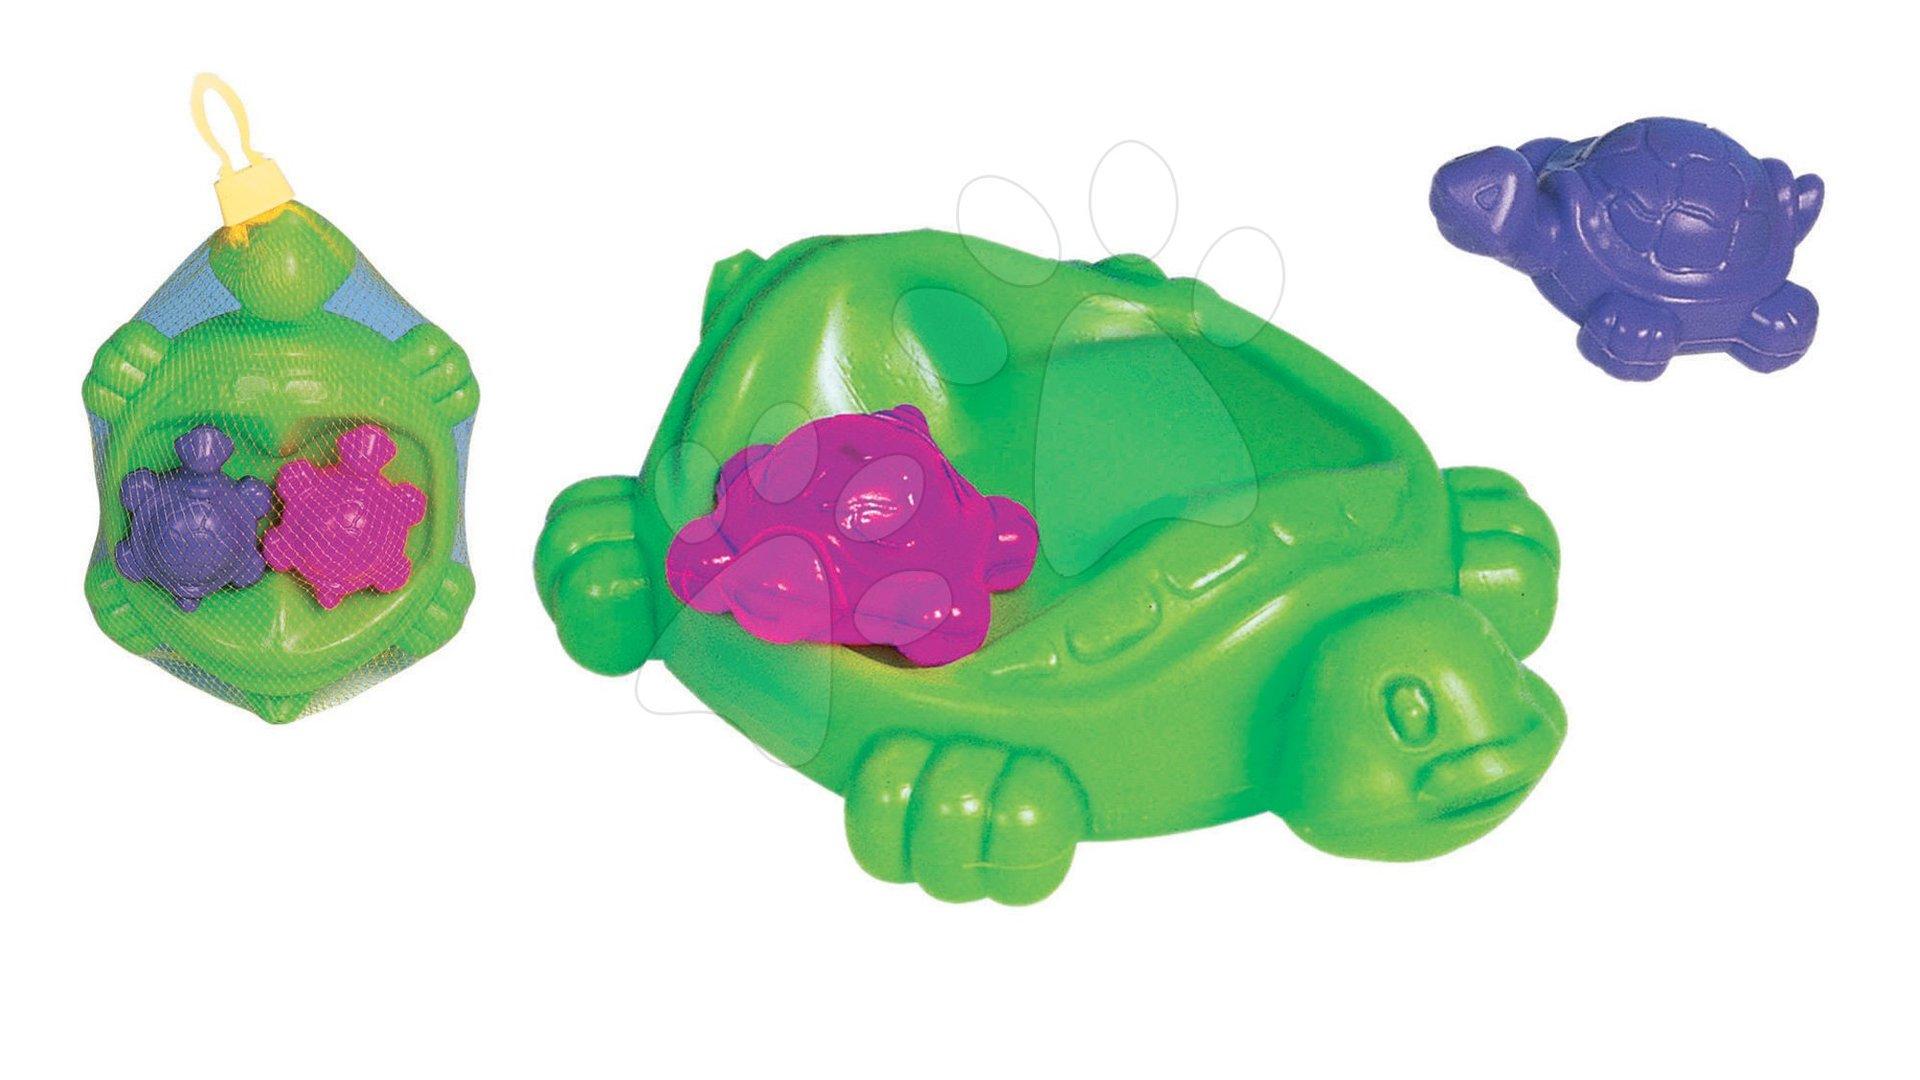 Hračky do vany - Hra do vody želví rodinka Dohány zelená od 3 let